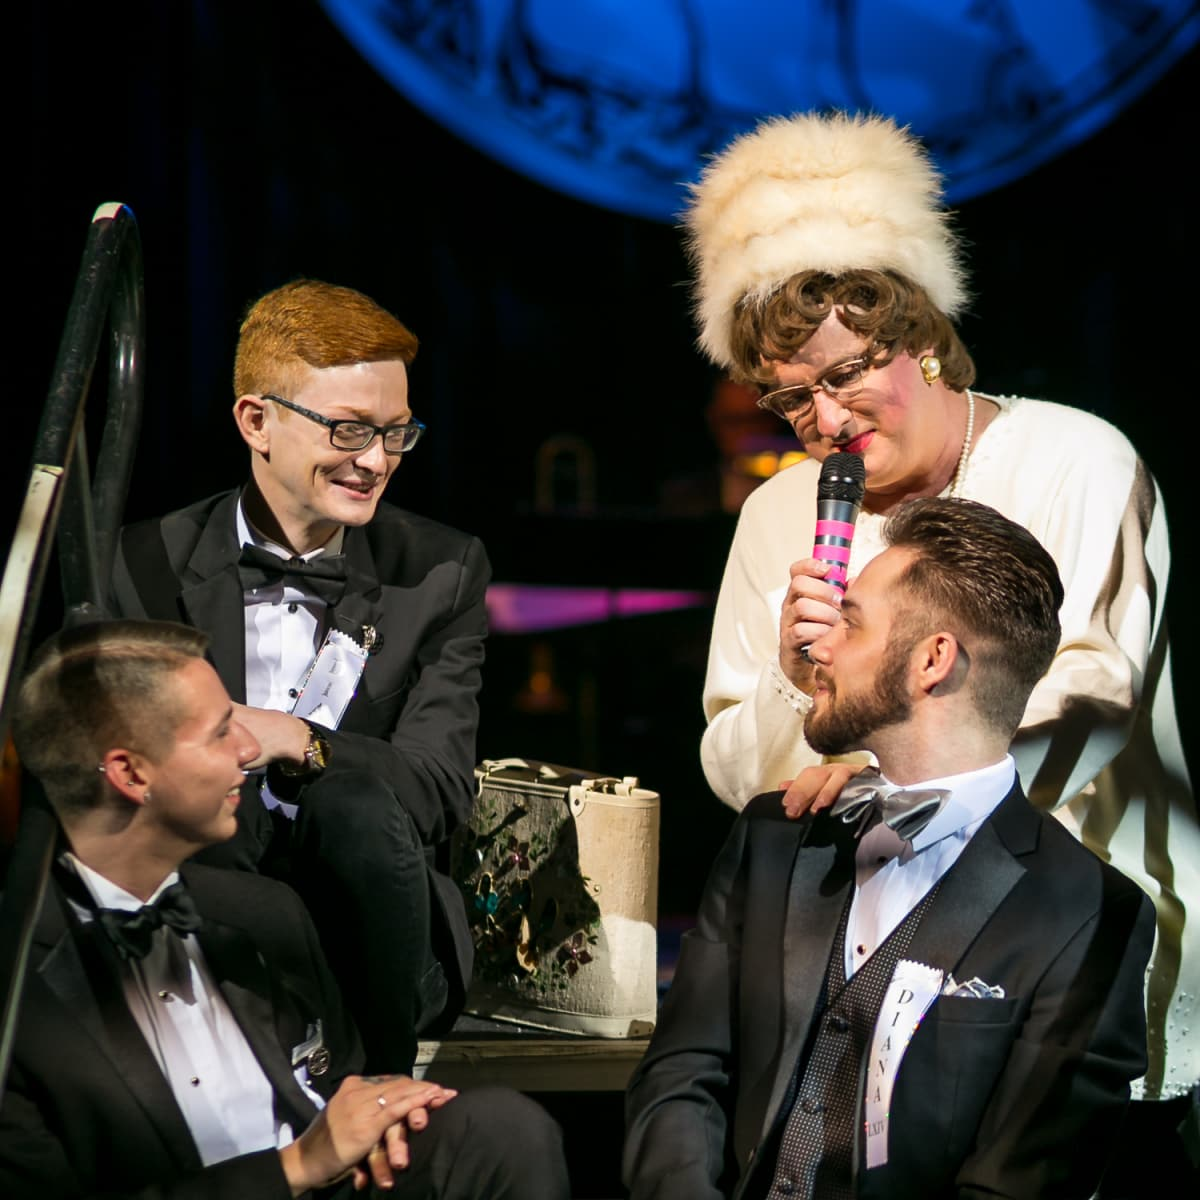 Sister Helen Holy  with Joshua Cauley, Travis Deshotel and Randall Magill at Diana Awards